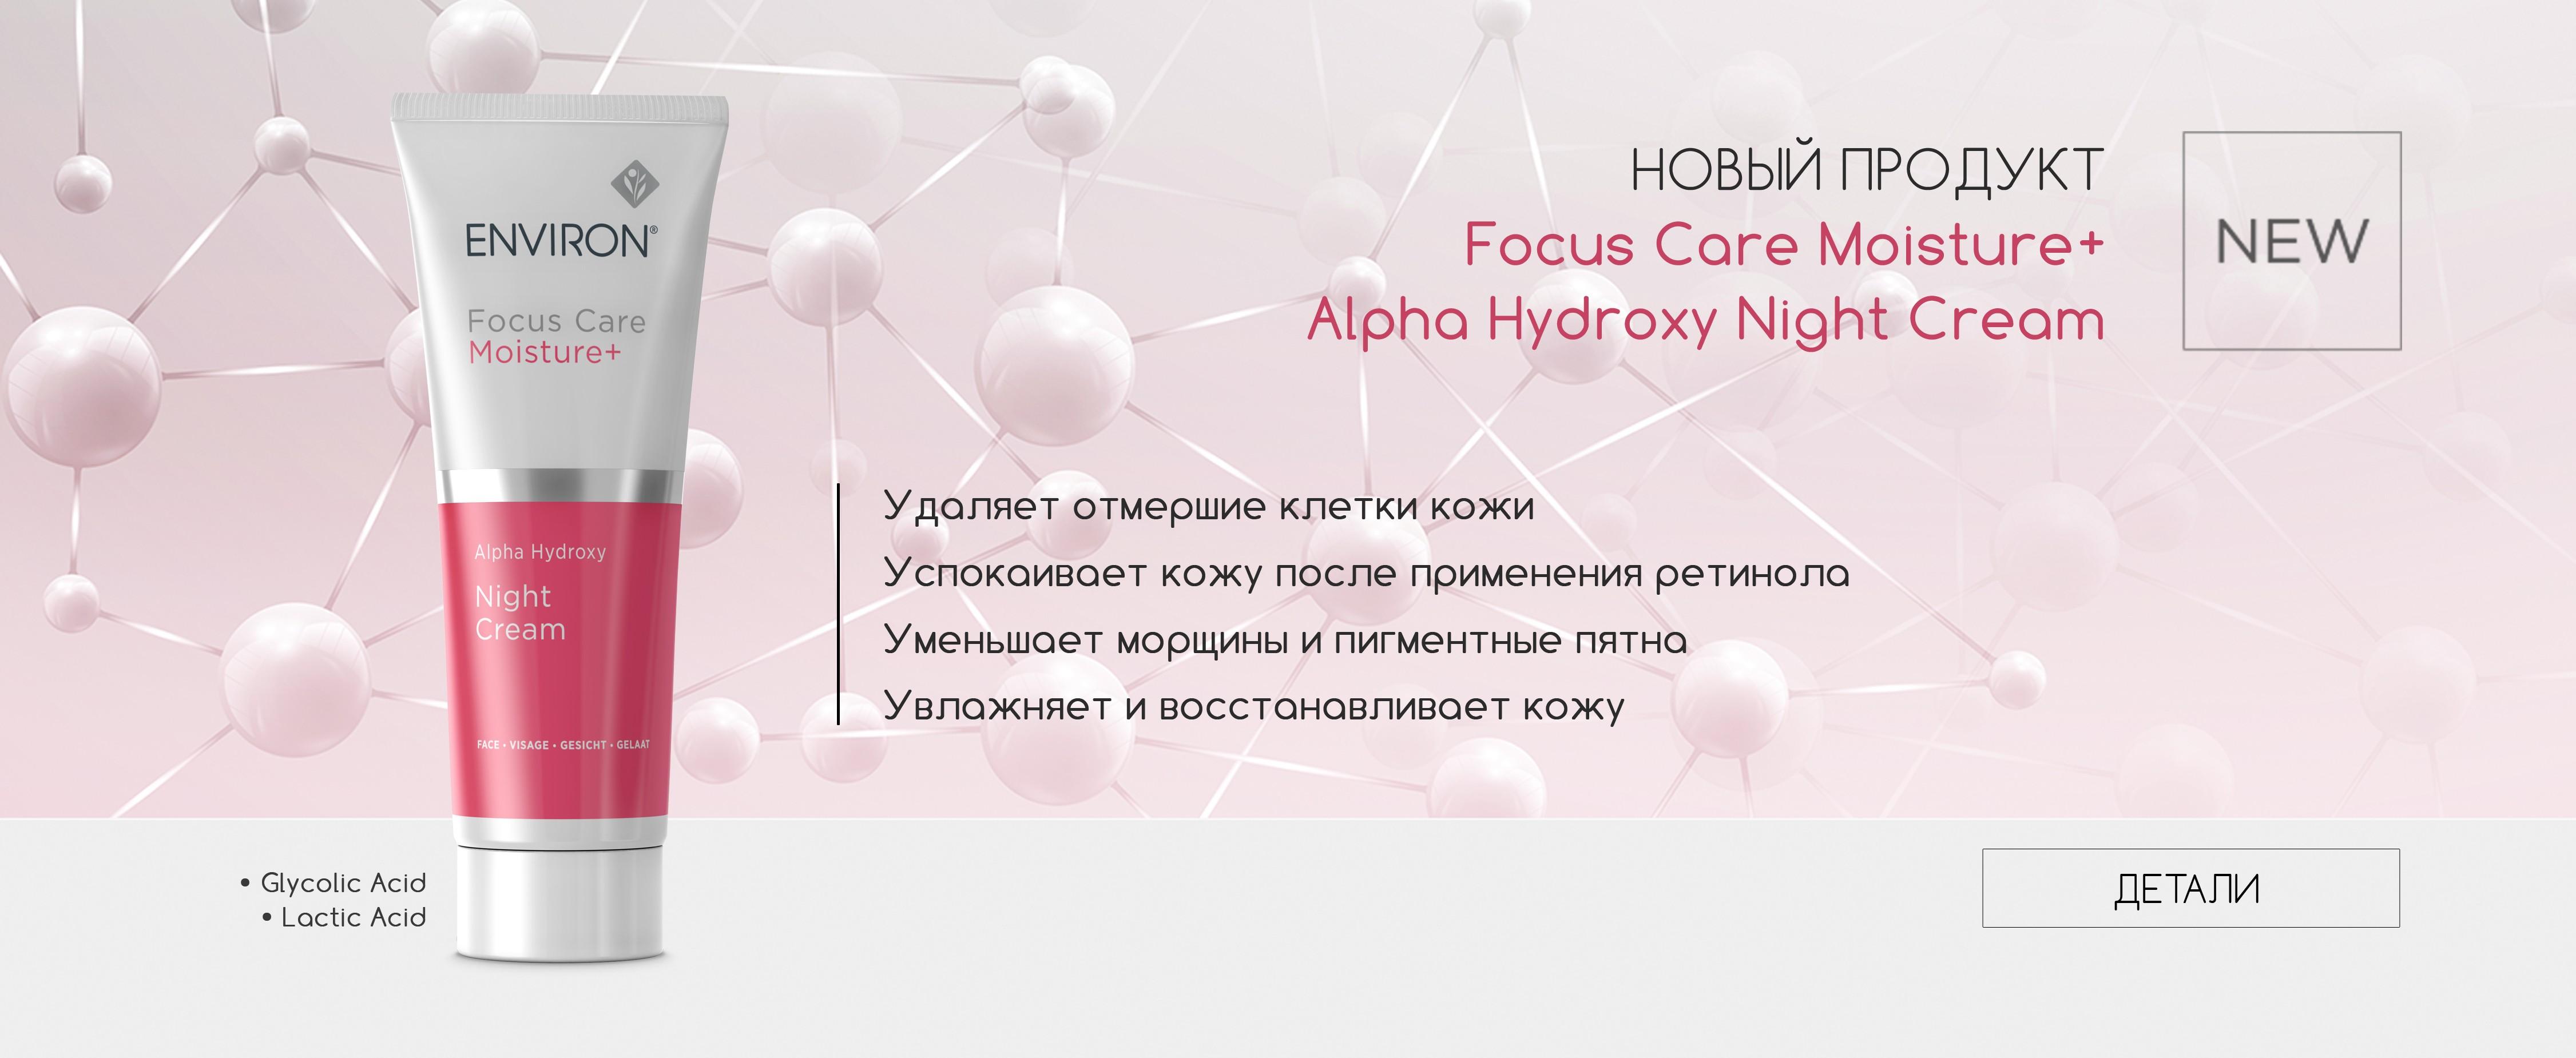 Ночной крем Alpha Hydroxy Focus Care Moisture+